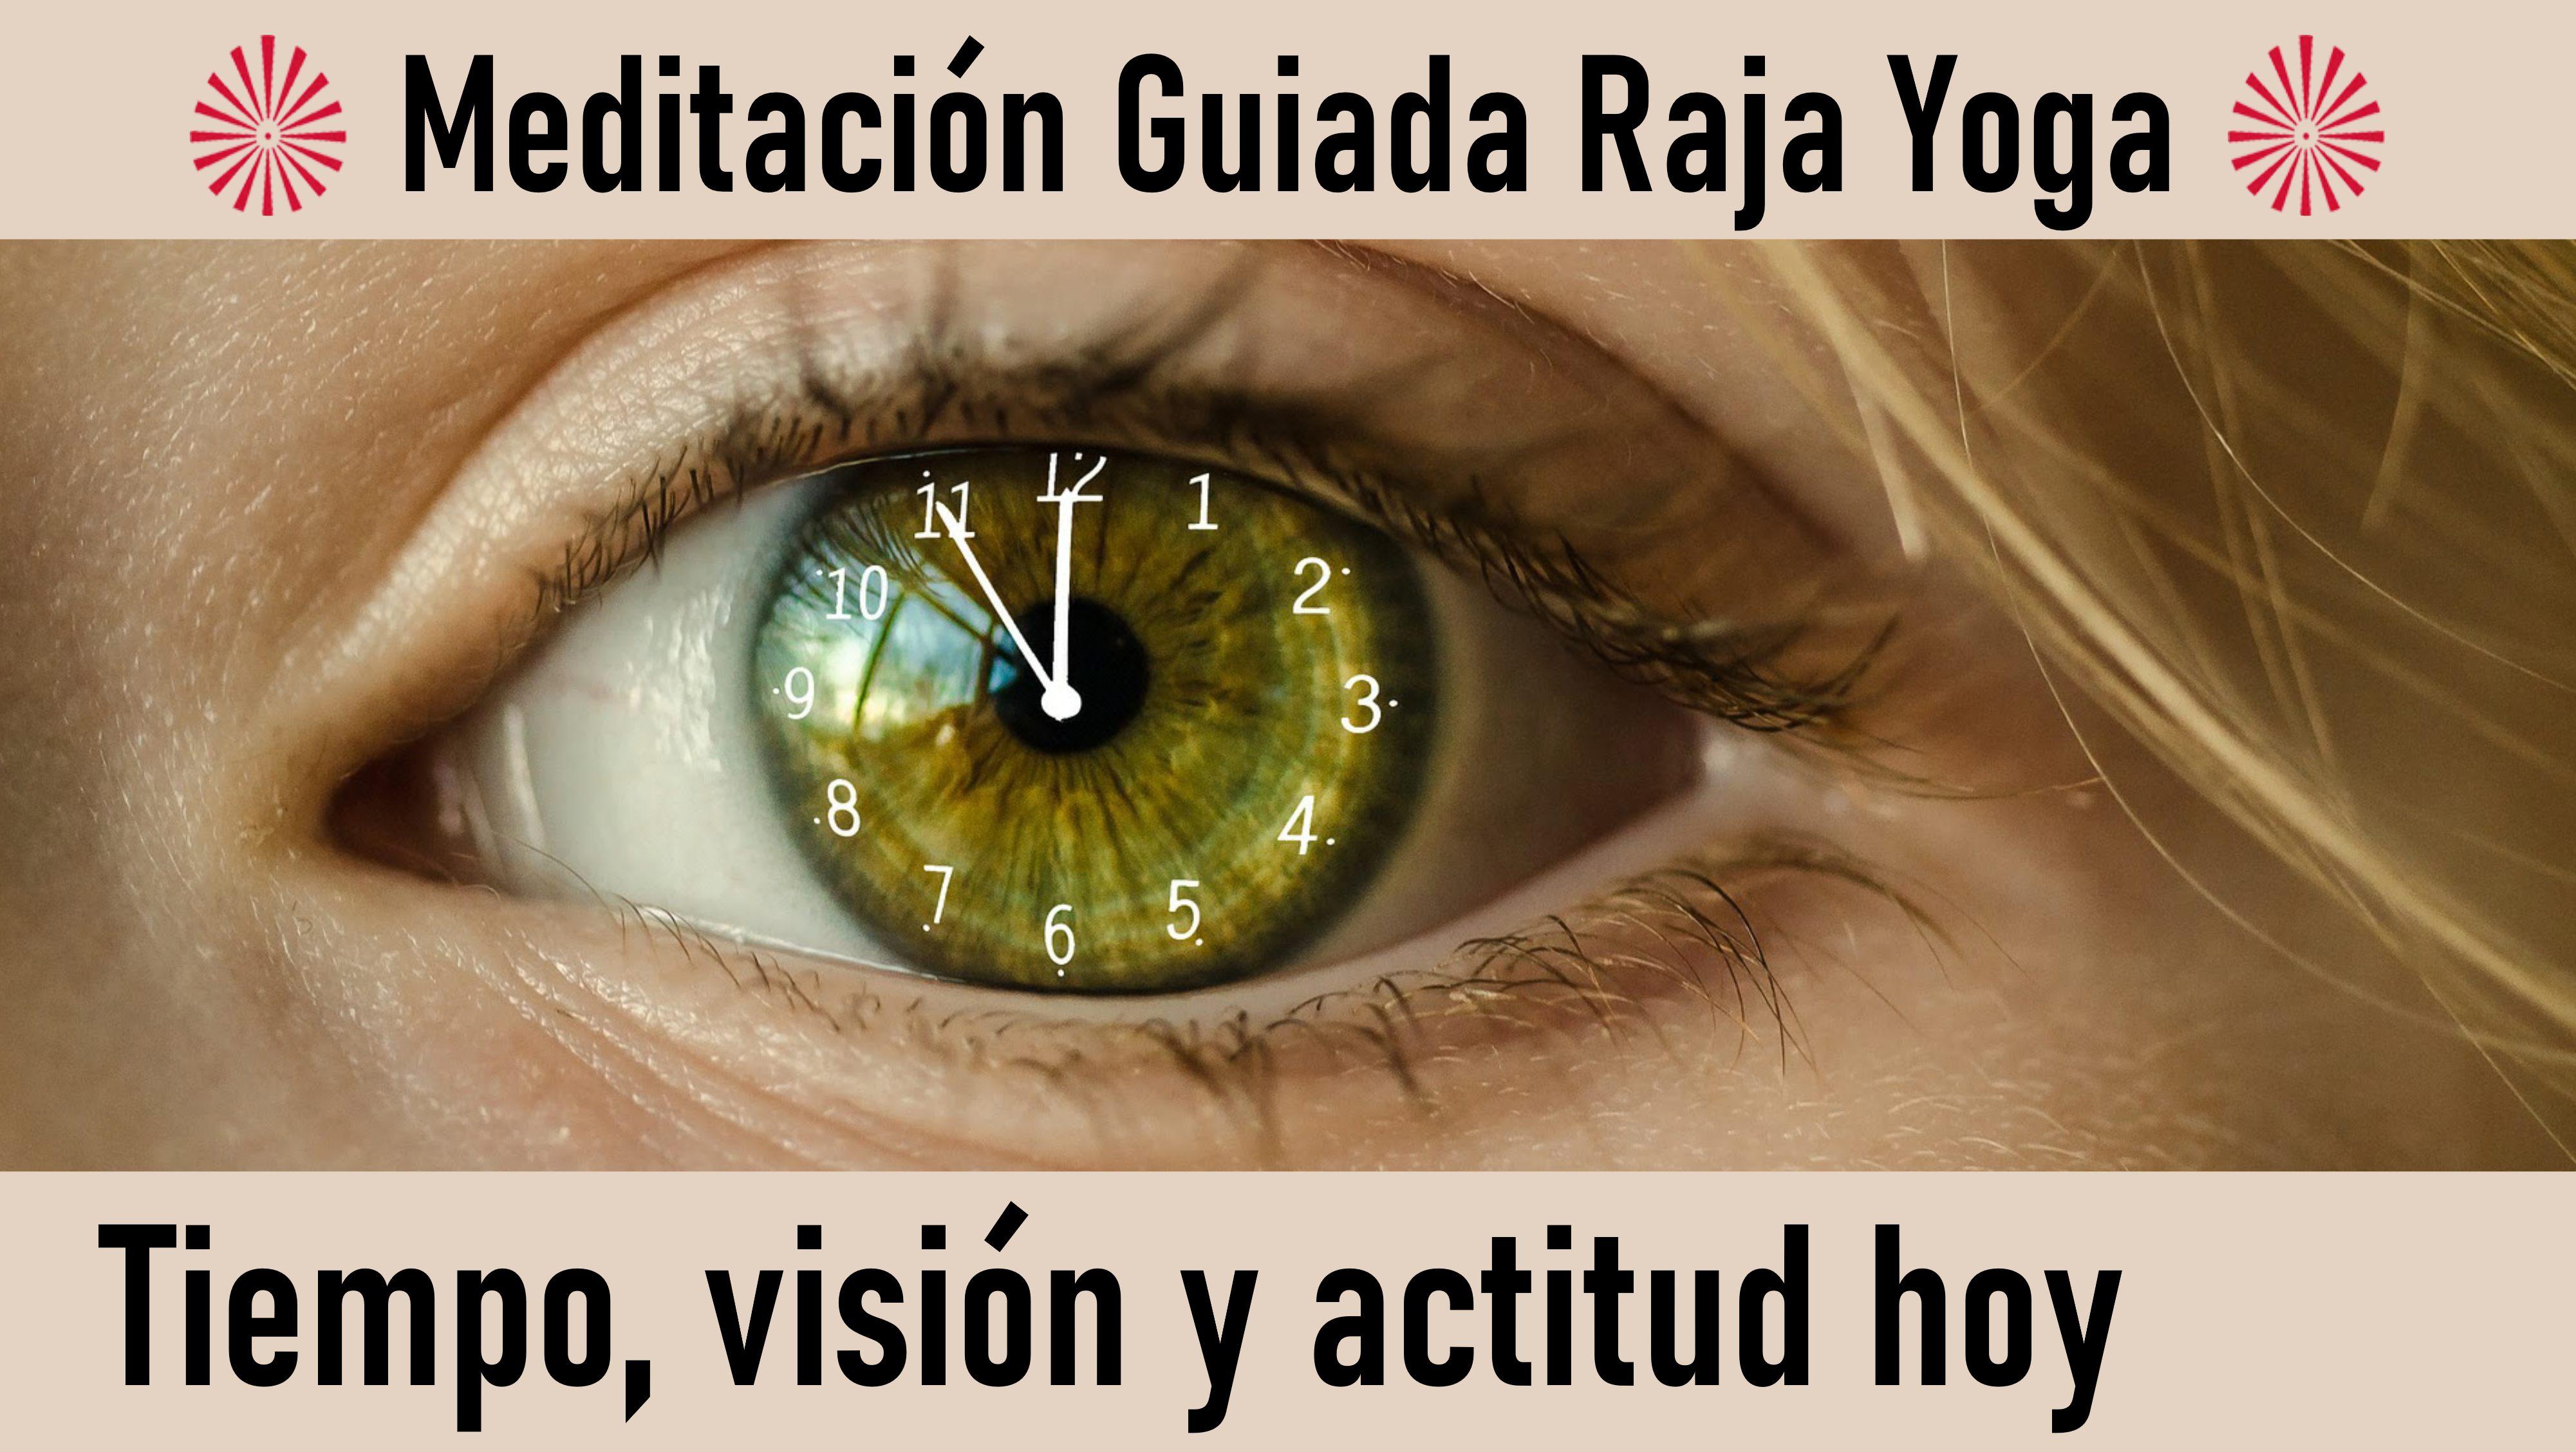 7 Agosto 2020 Meditación guiada: Tiempo, visión y actitud hoy